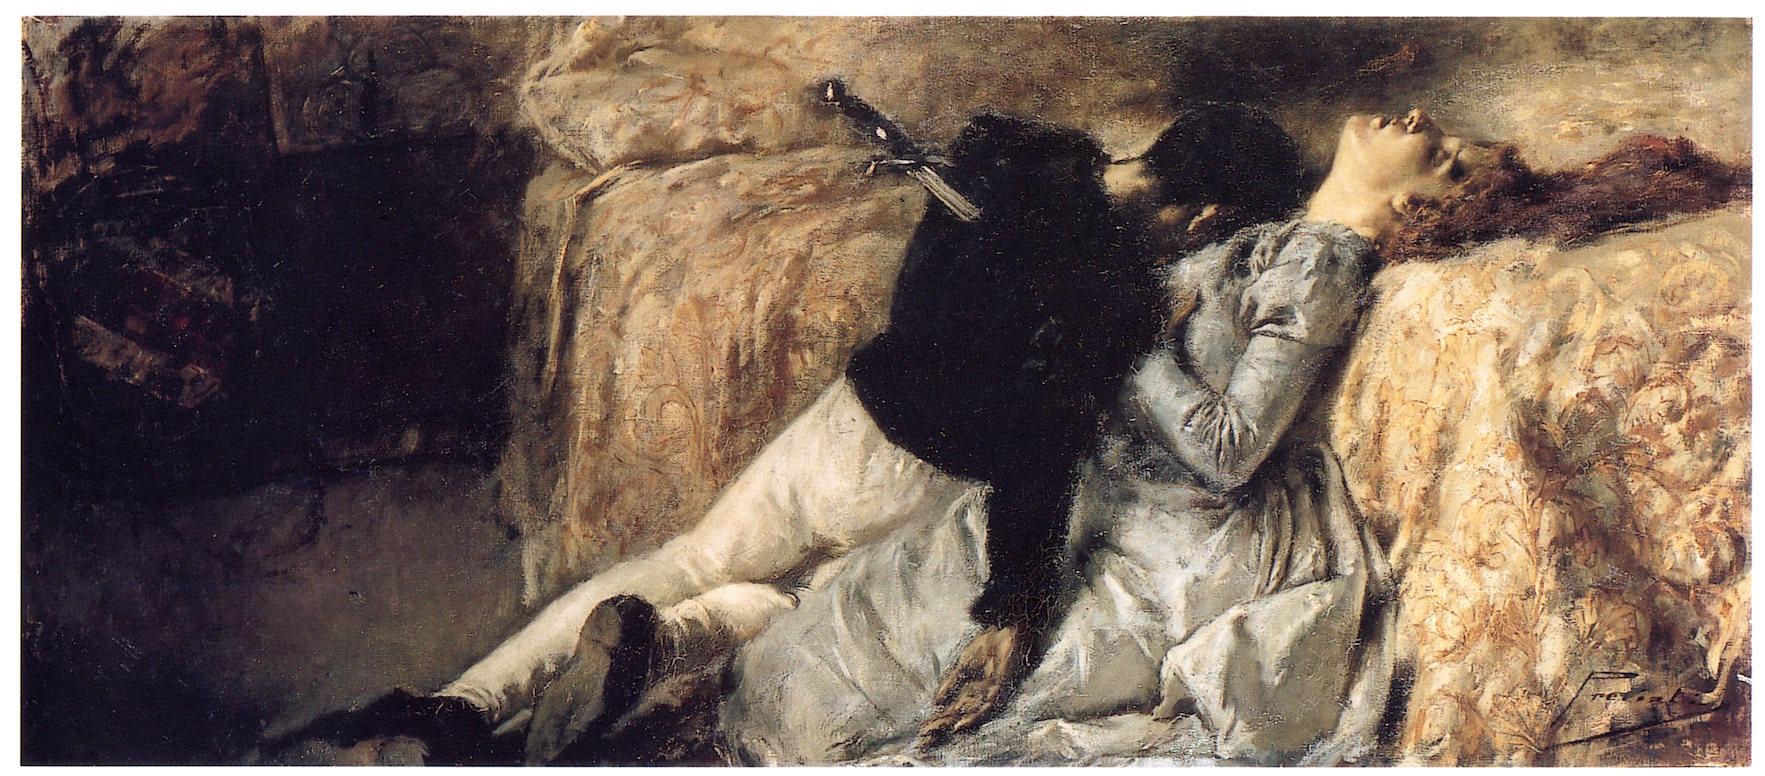 Gaetano Previati, Paolo e Francesca, 1887